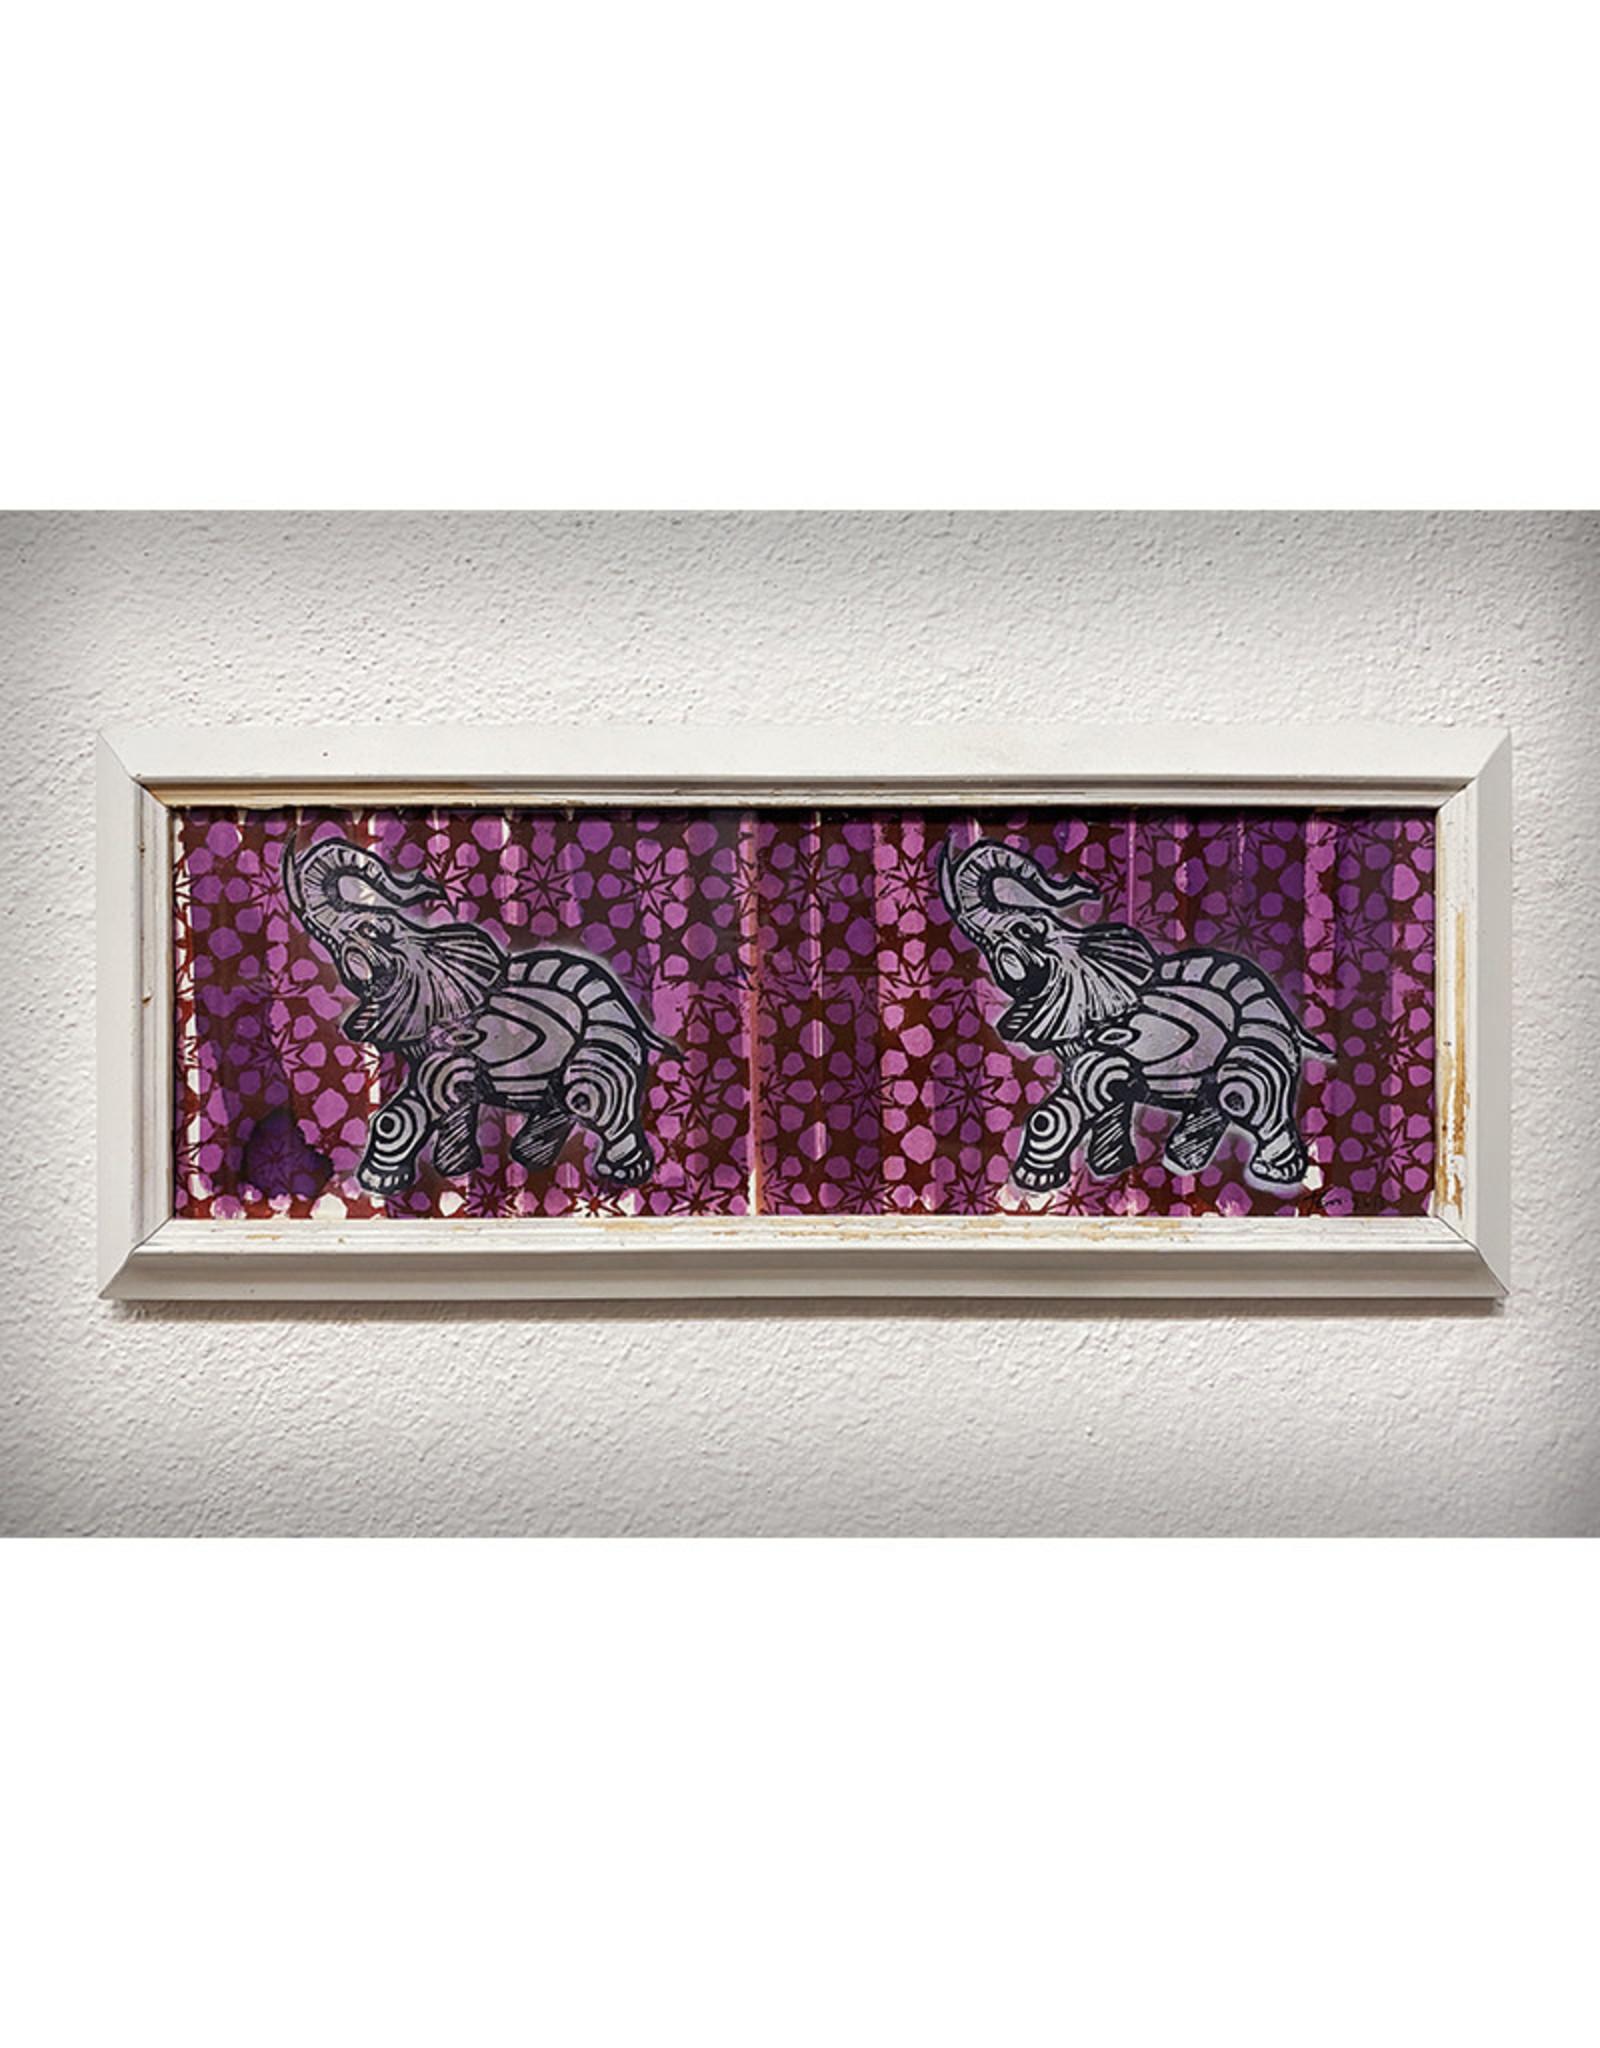 Paul Punzo Framed Two Elephants by Paul Punzo